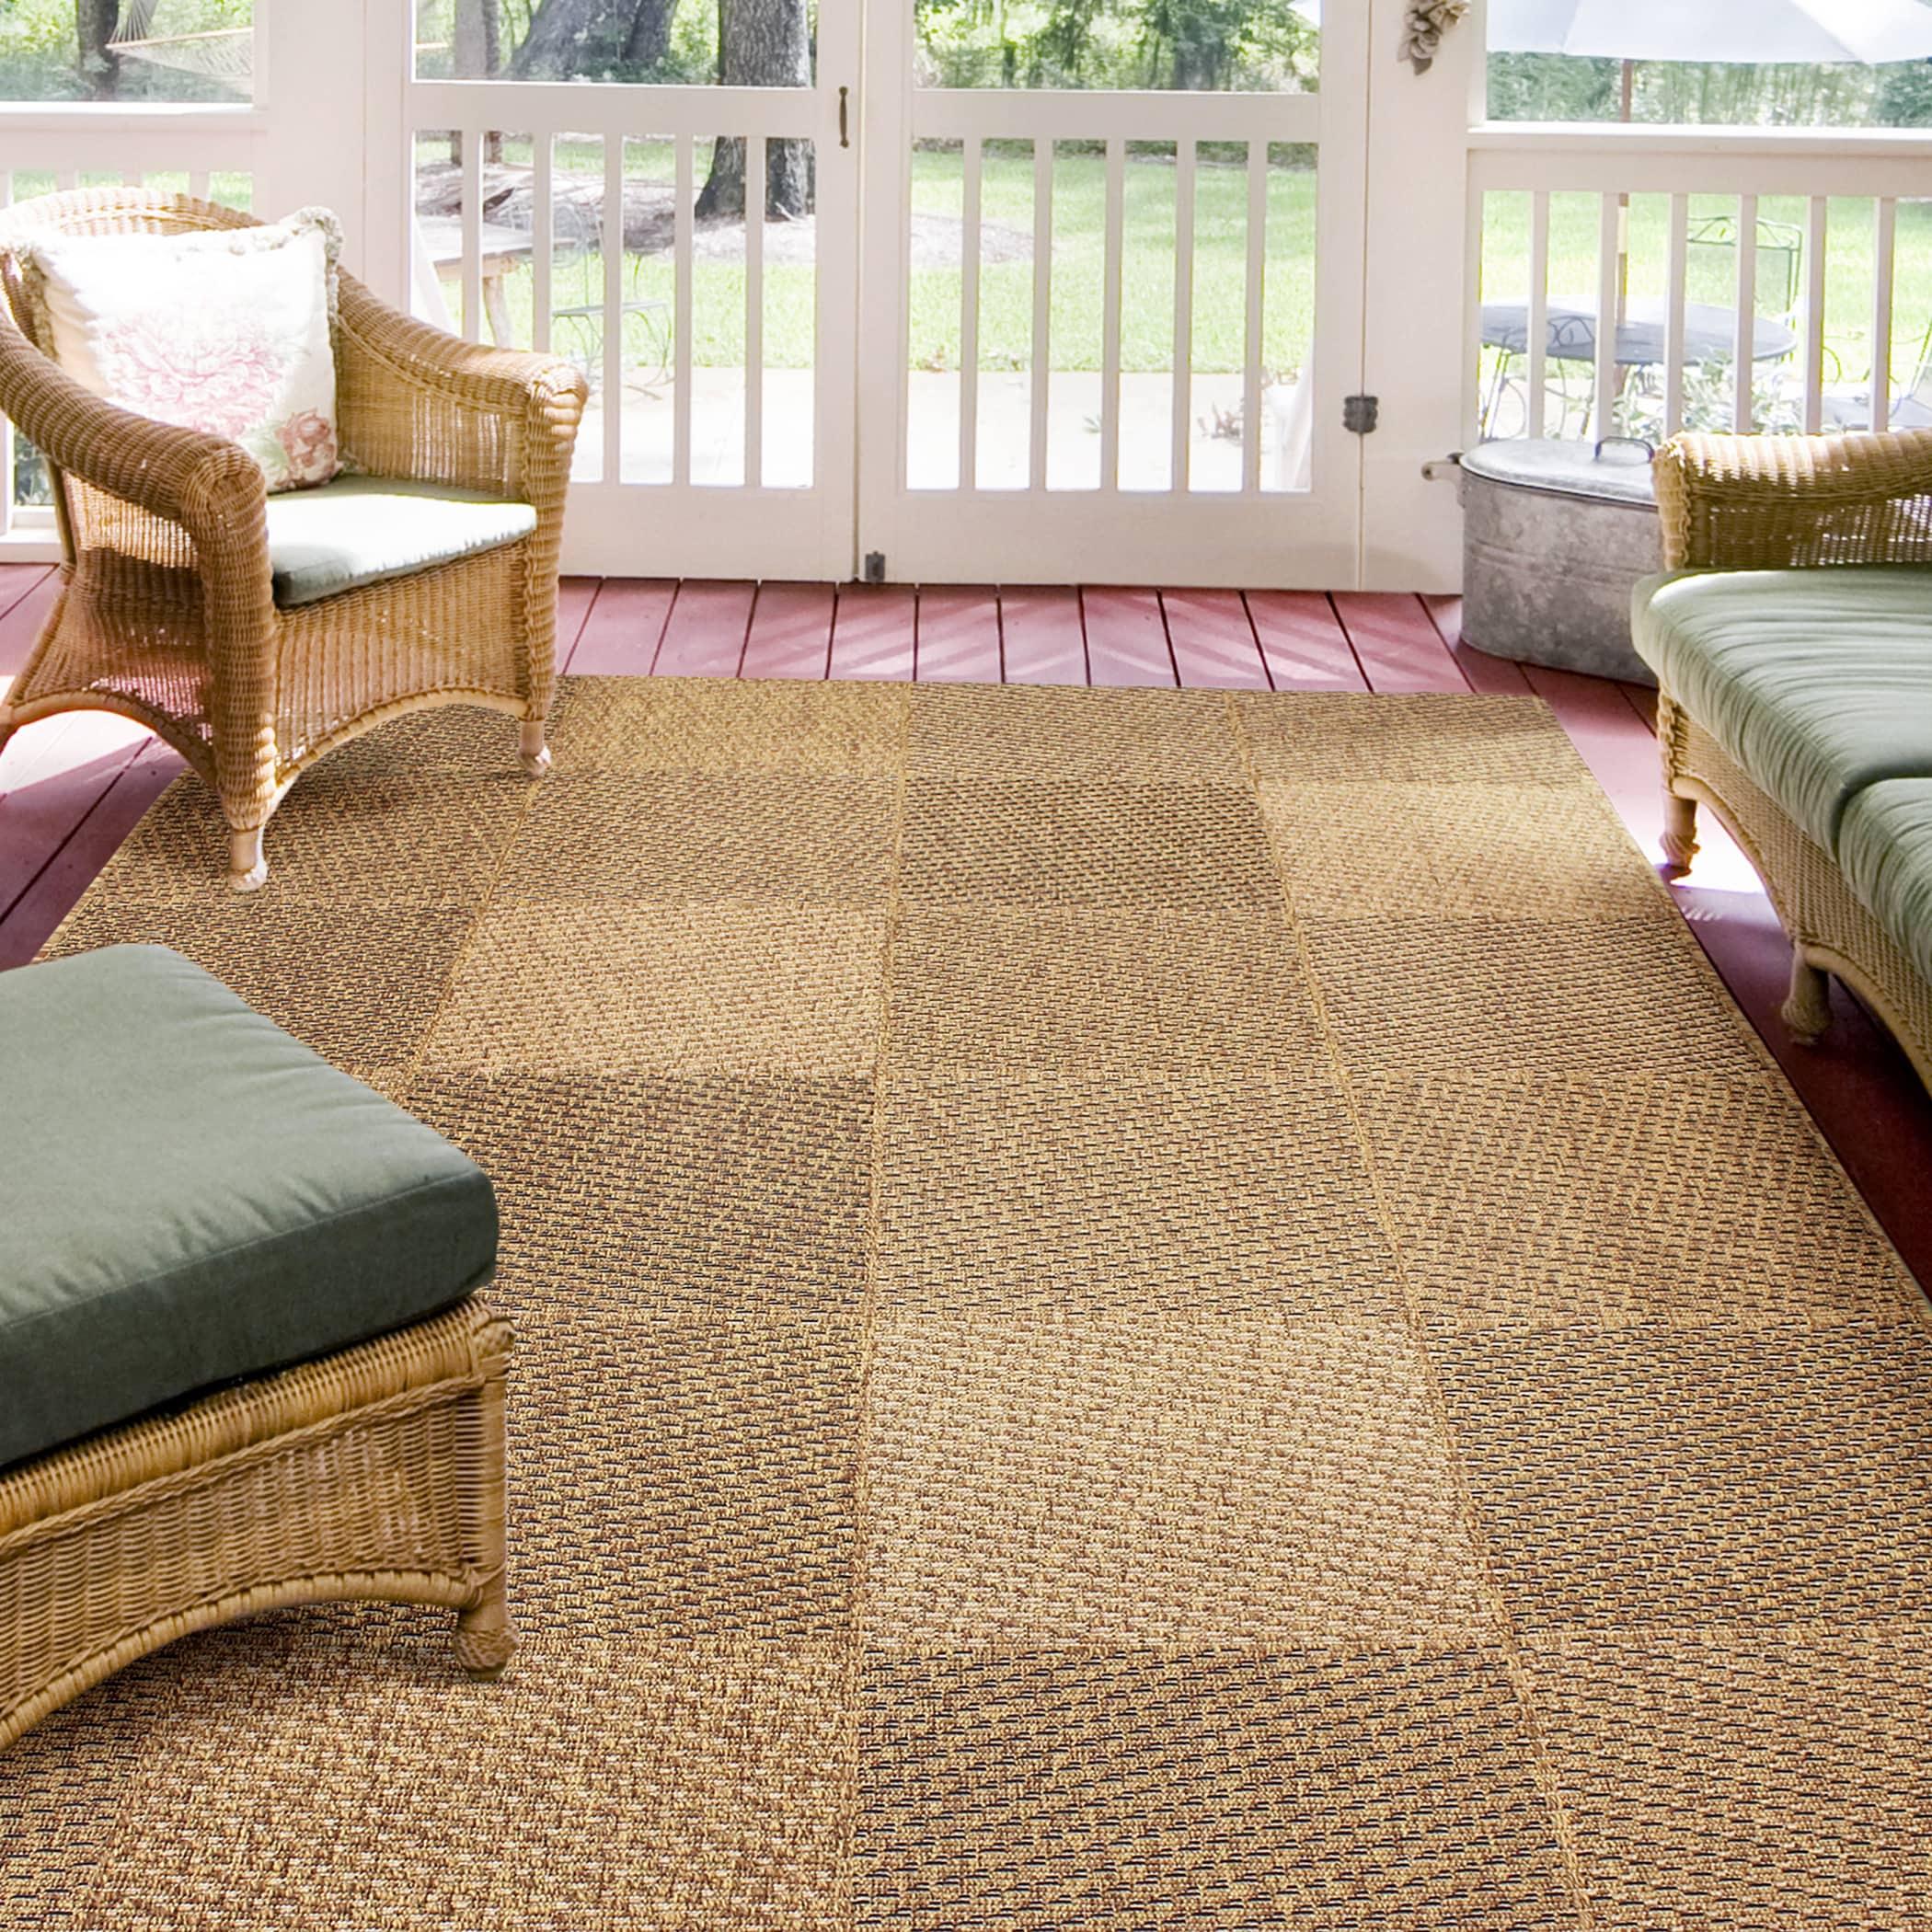 Alfresco Geometric Brown Indoor/Outdoor Rug (53 x 76) (Brown Indoor/Outdoor 53 x 76)